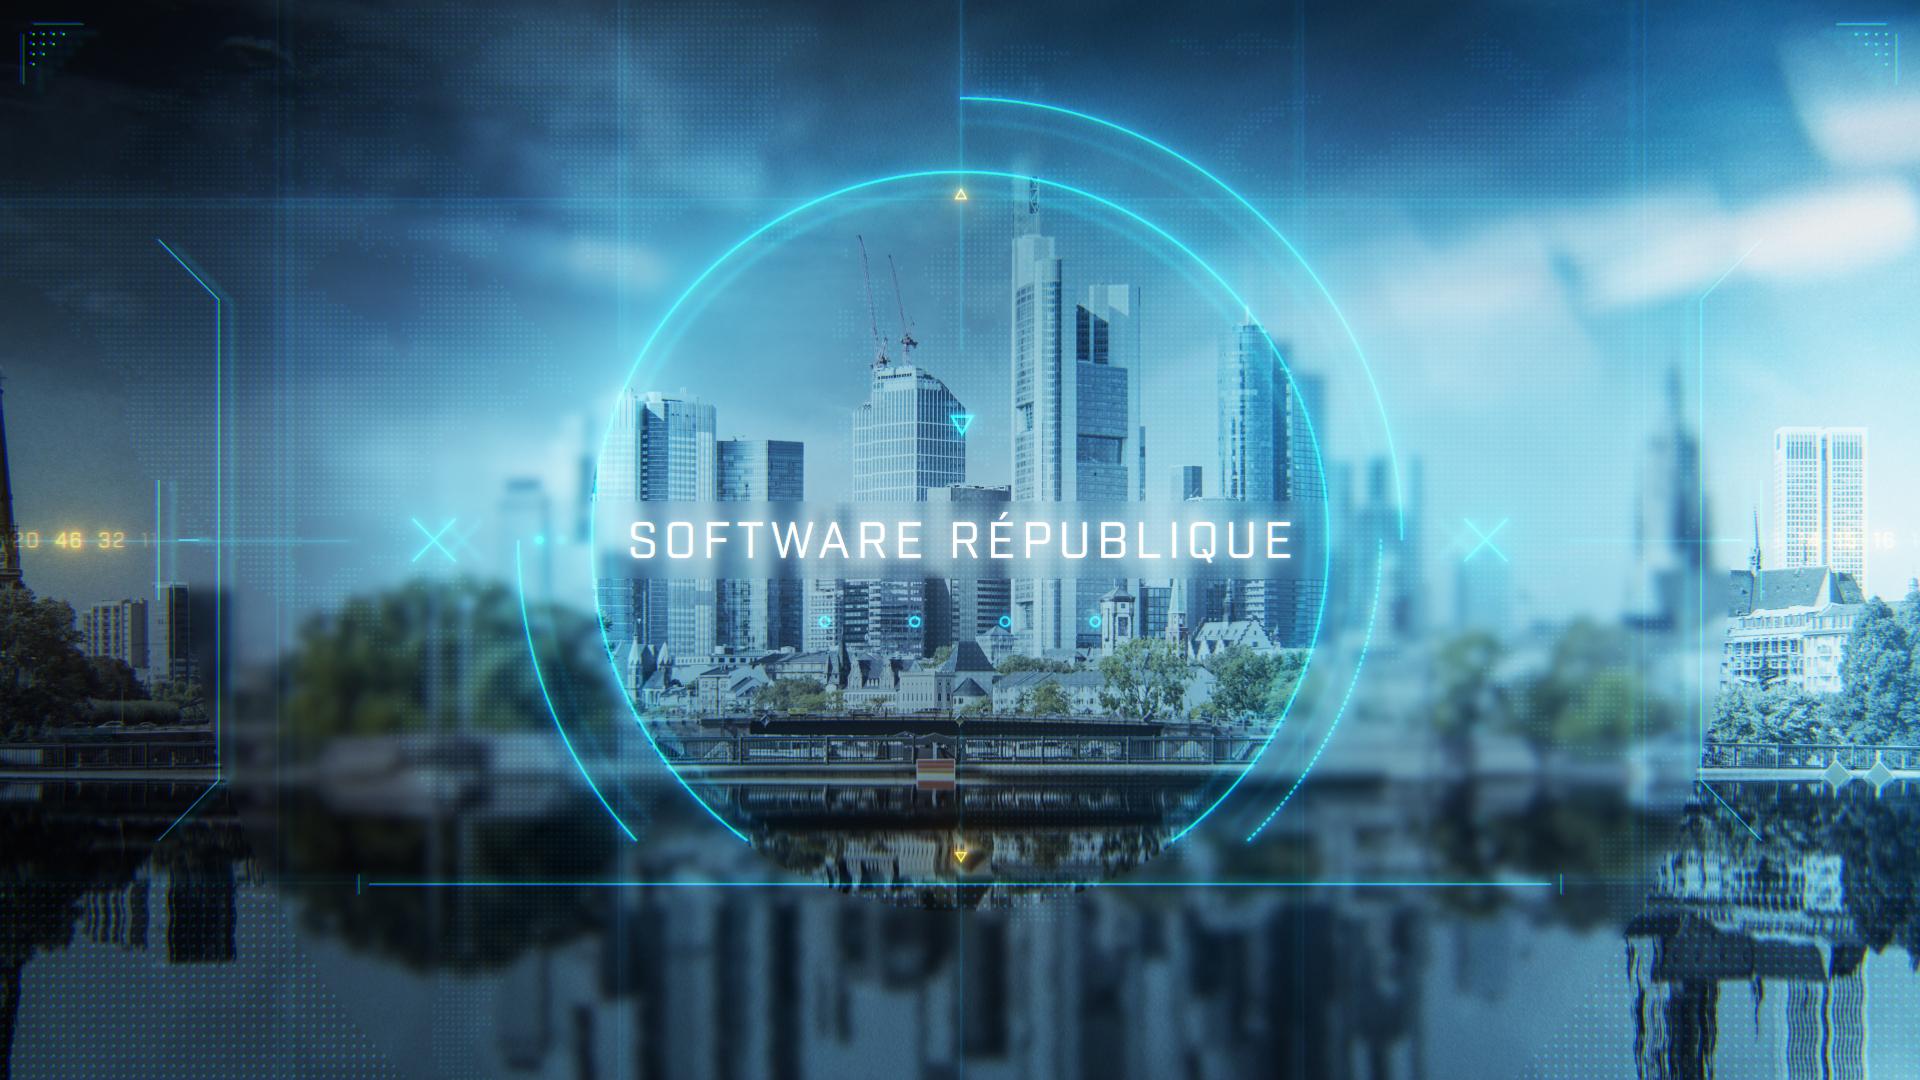 Bienvenue dans la Software République